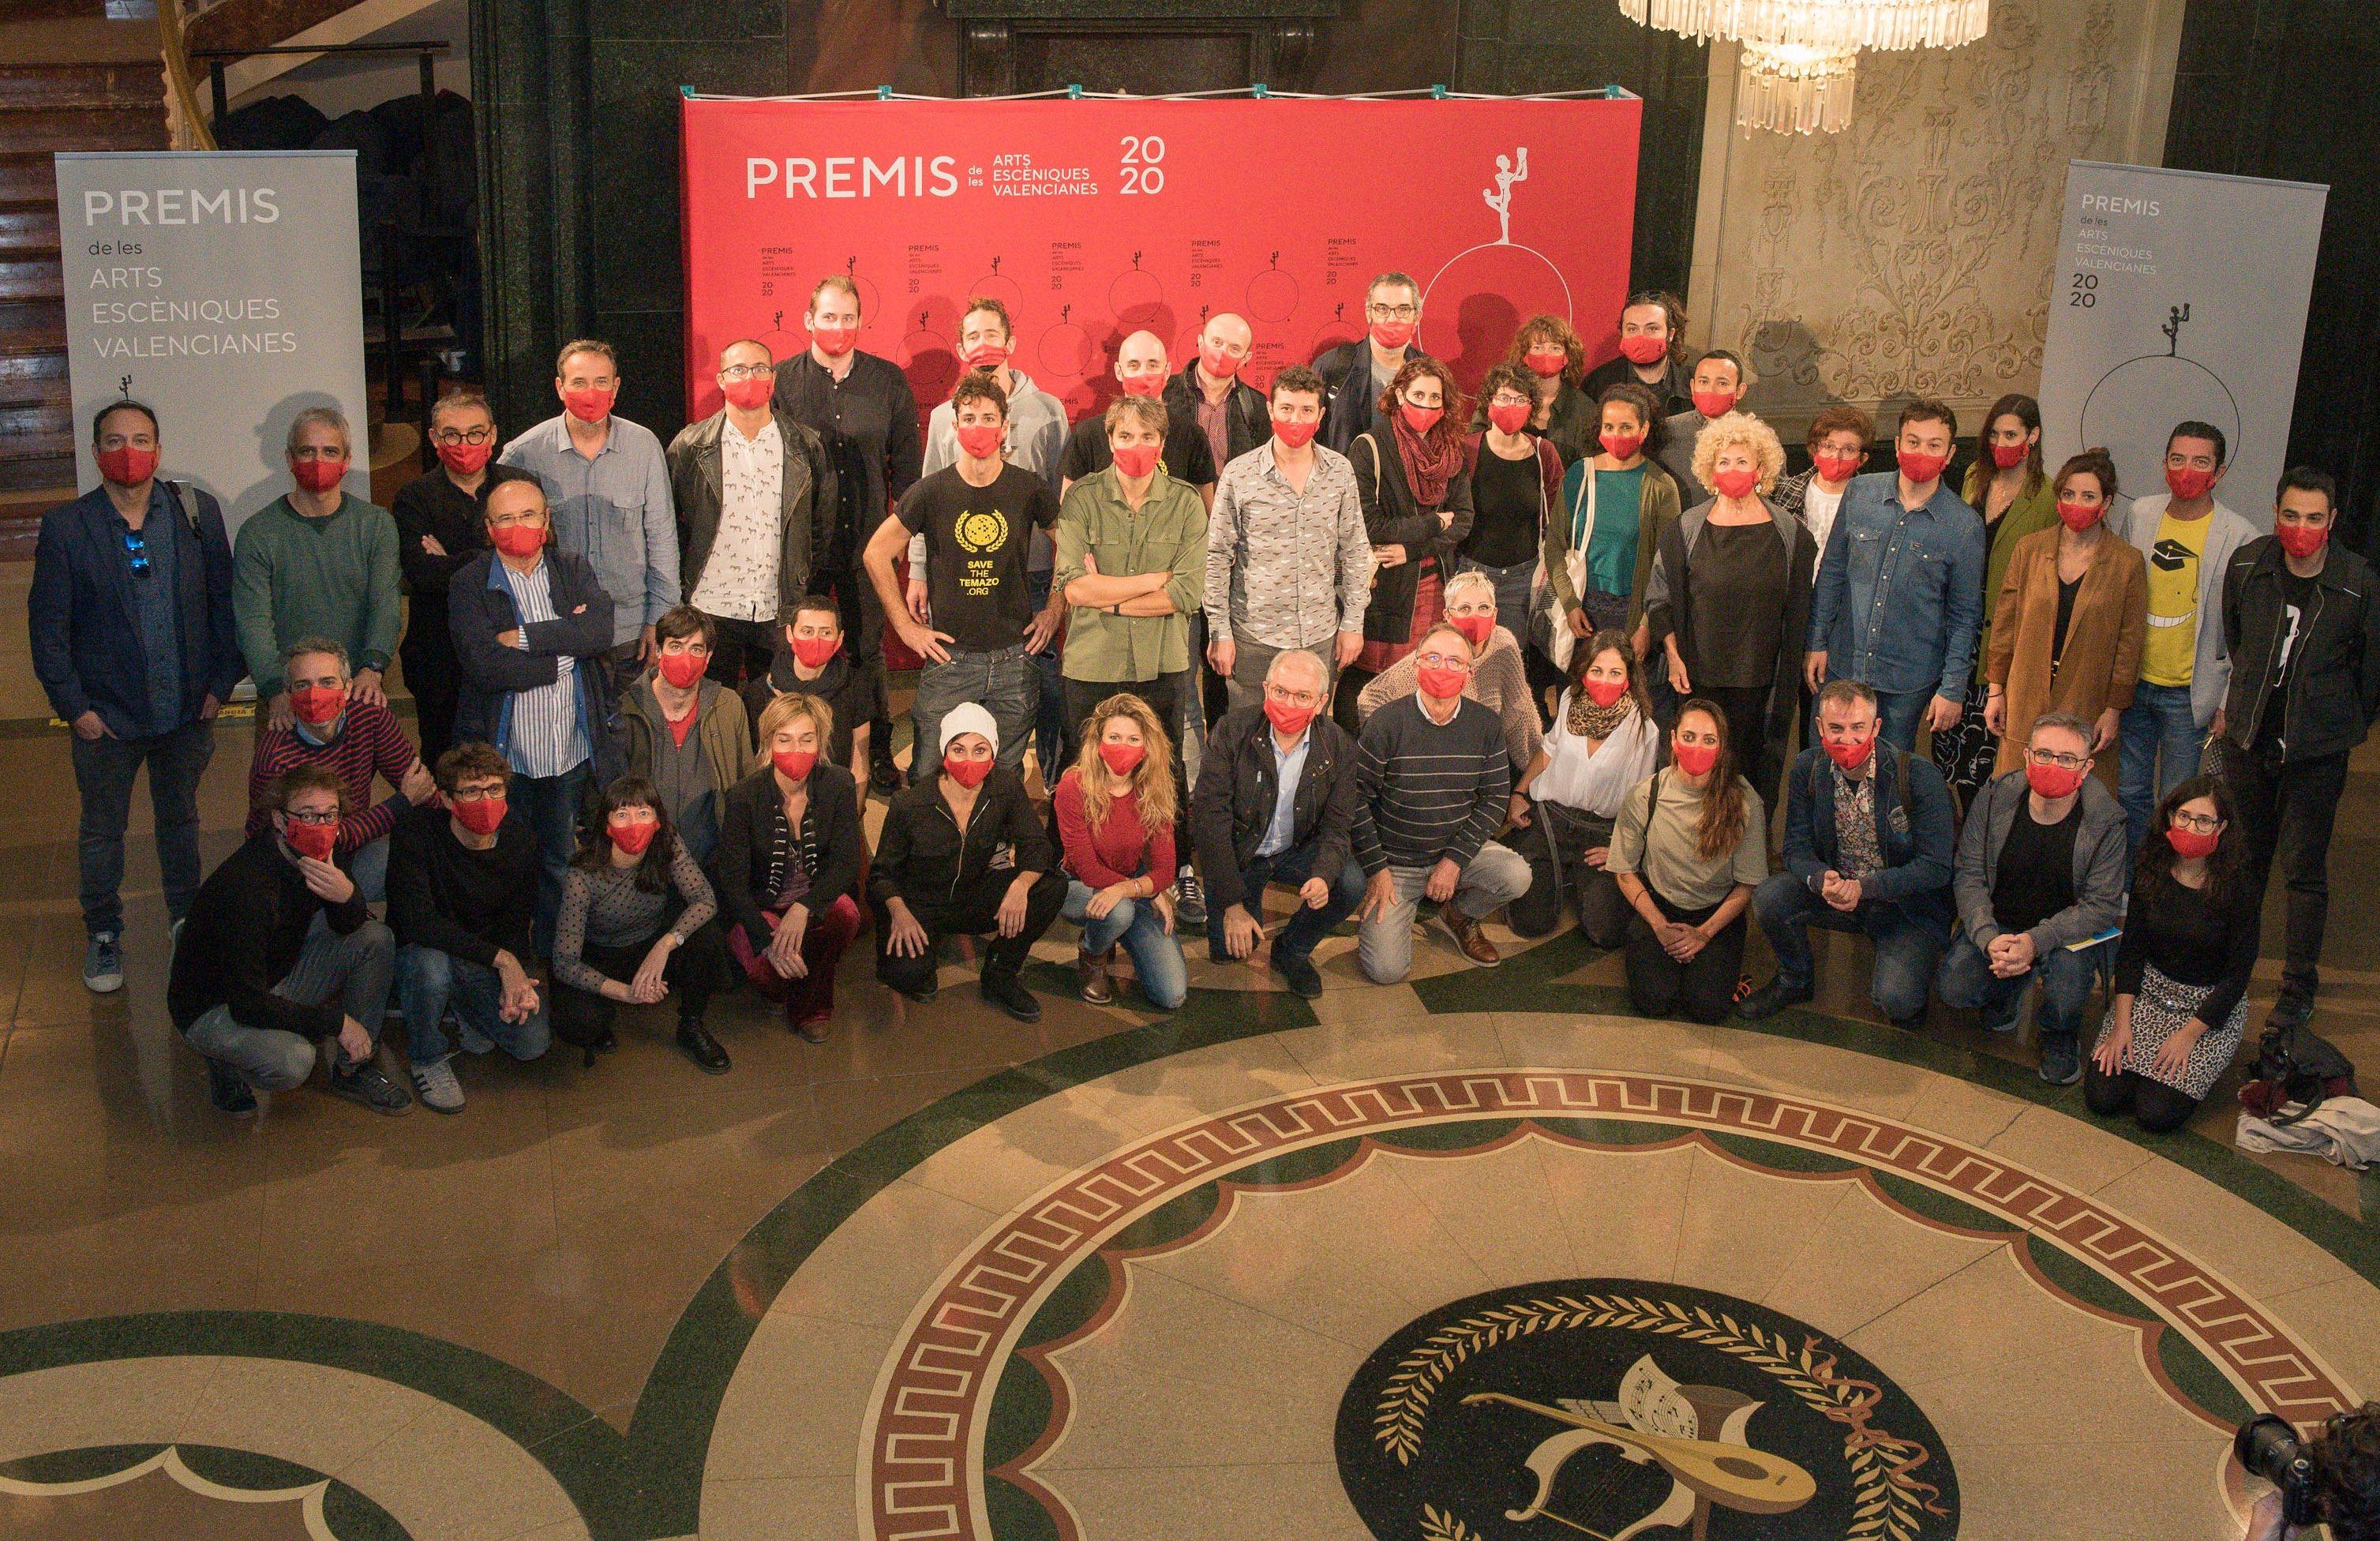 Artistes nominats als Premis de les Arts Escèniques Valencianes es reuneixen en el Teatre Principal